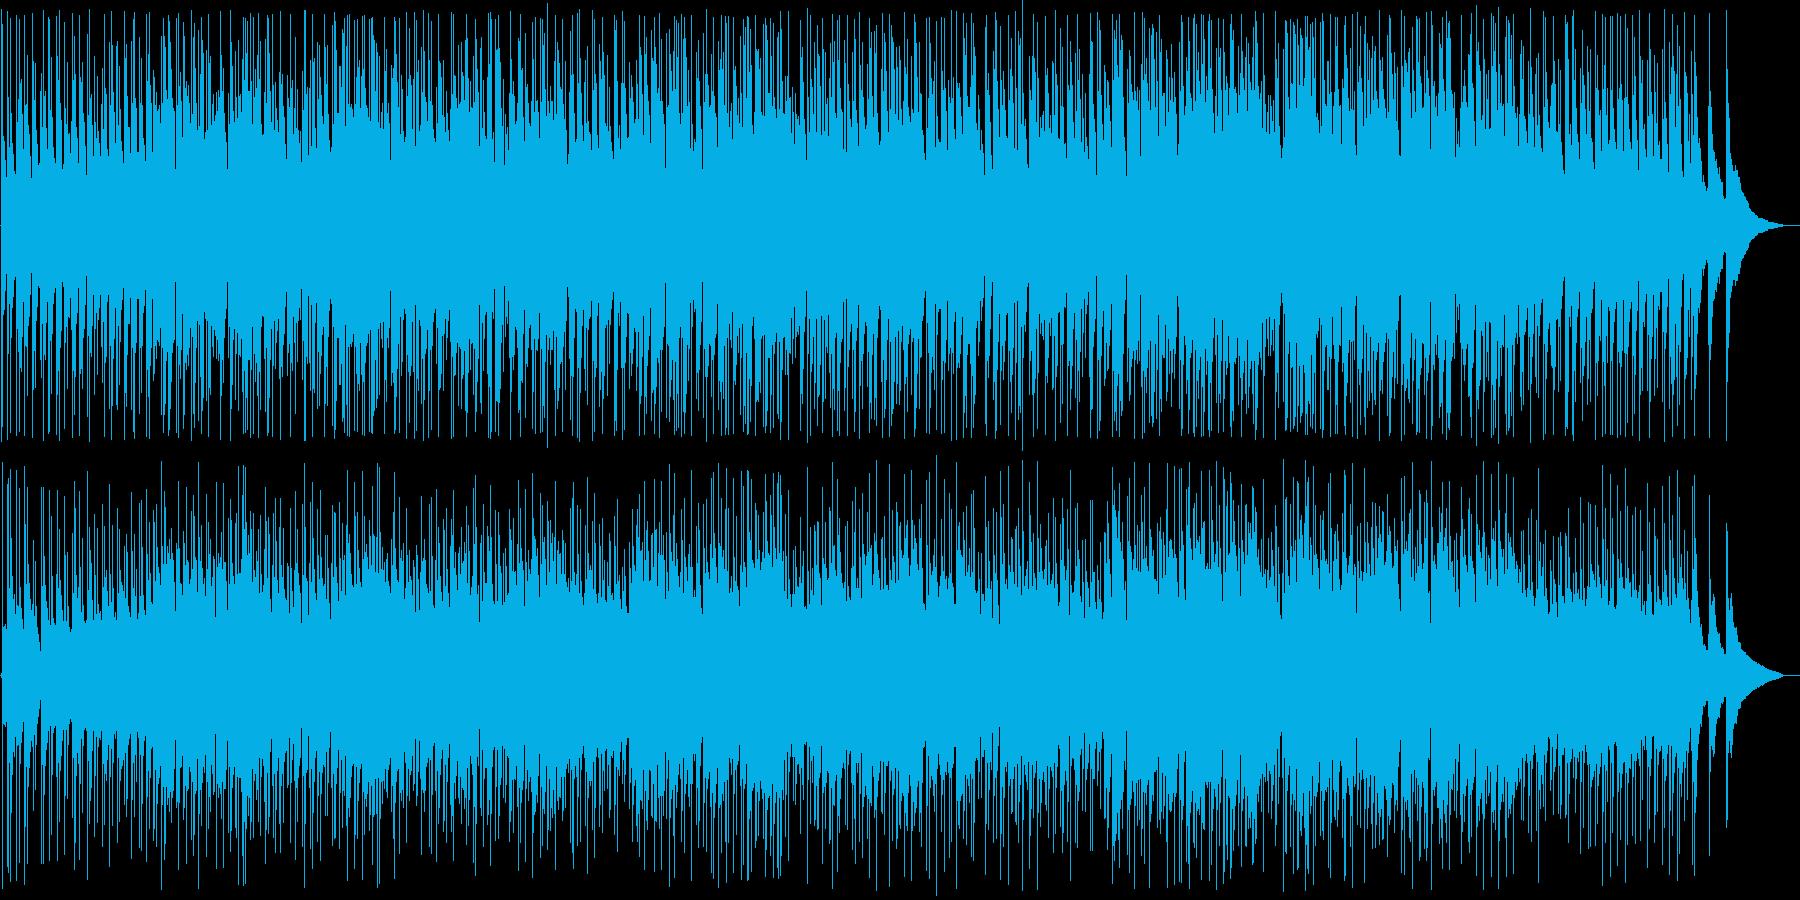 唐船(とうしん)どーい / 沖縄民謡の再生済みの波形